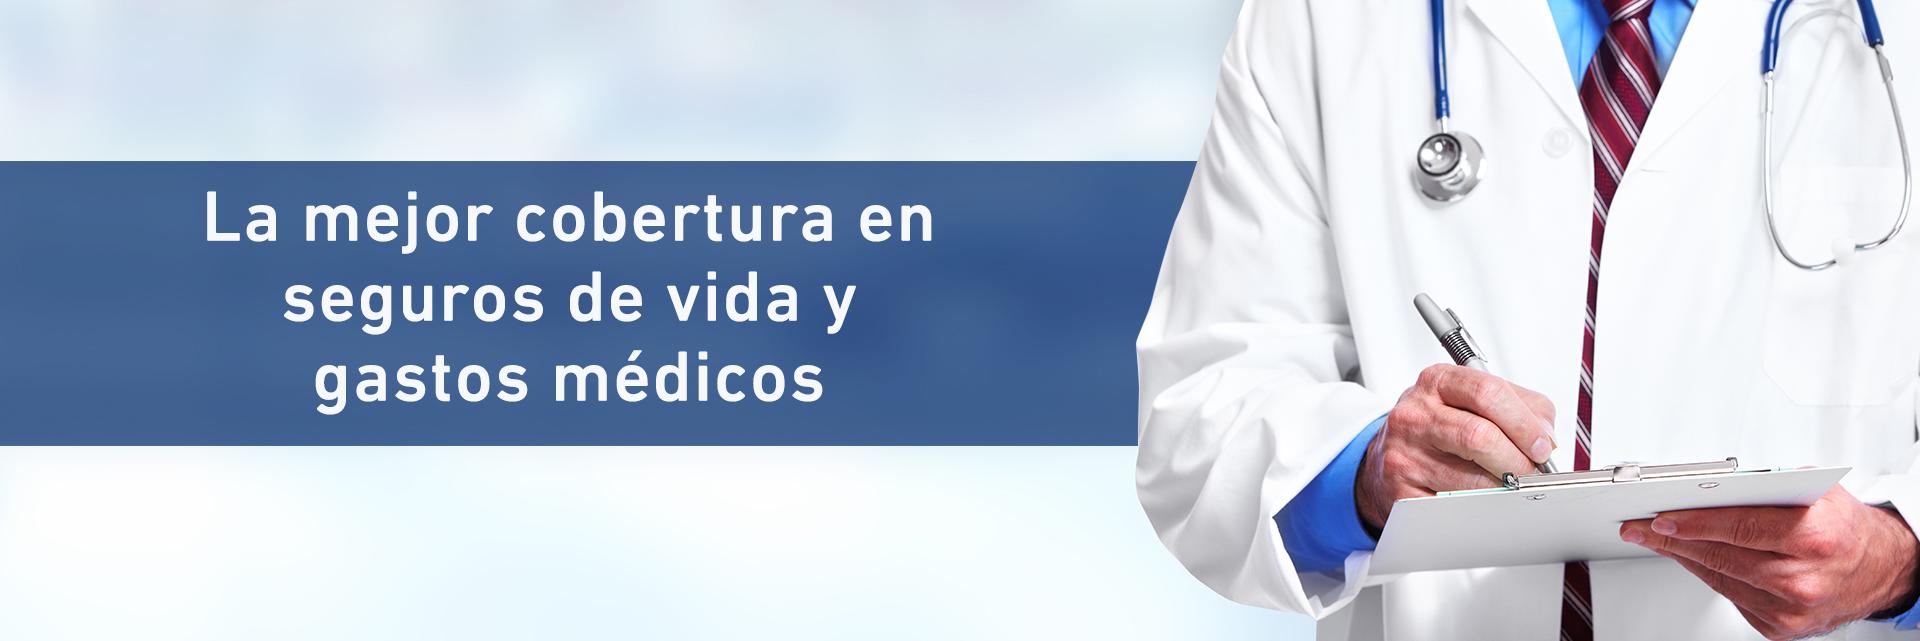 seguros-medicos-03